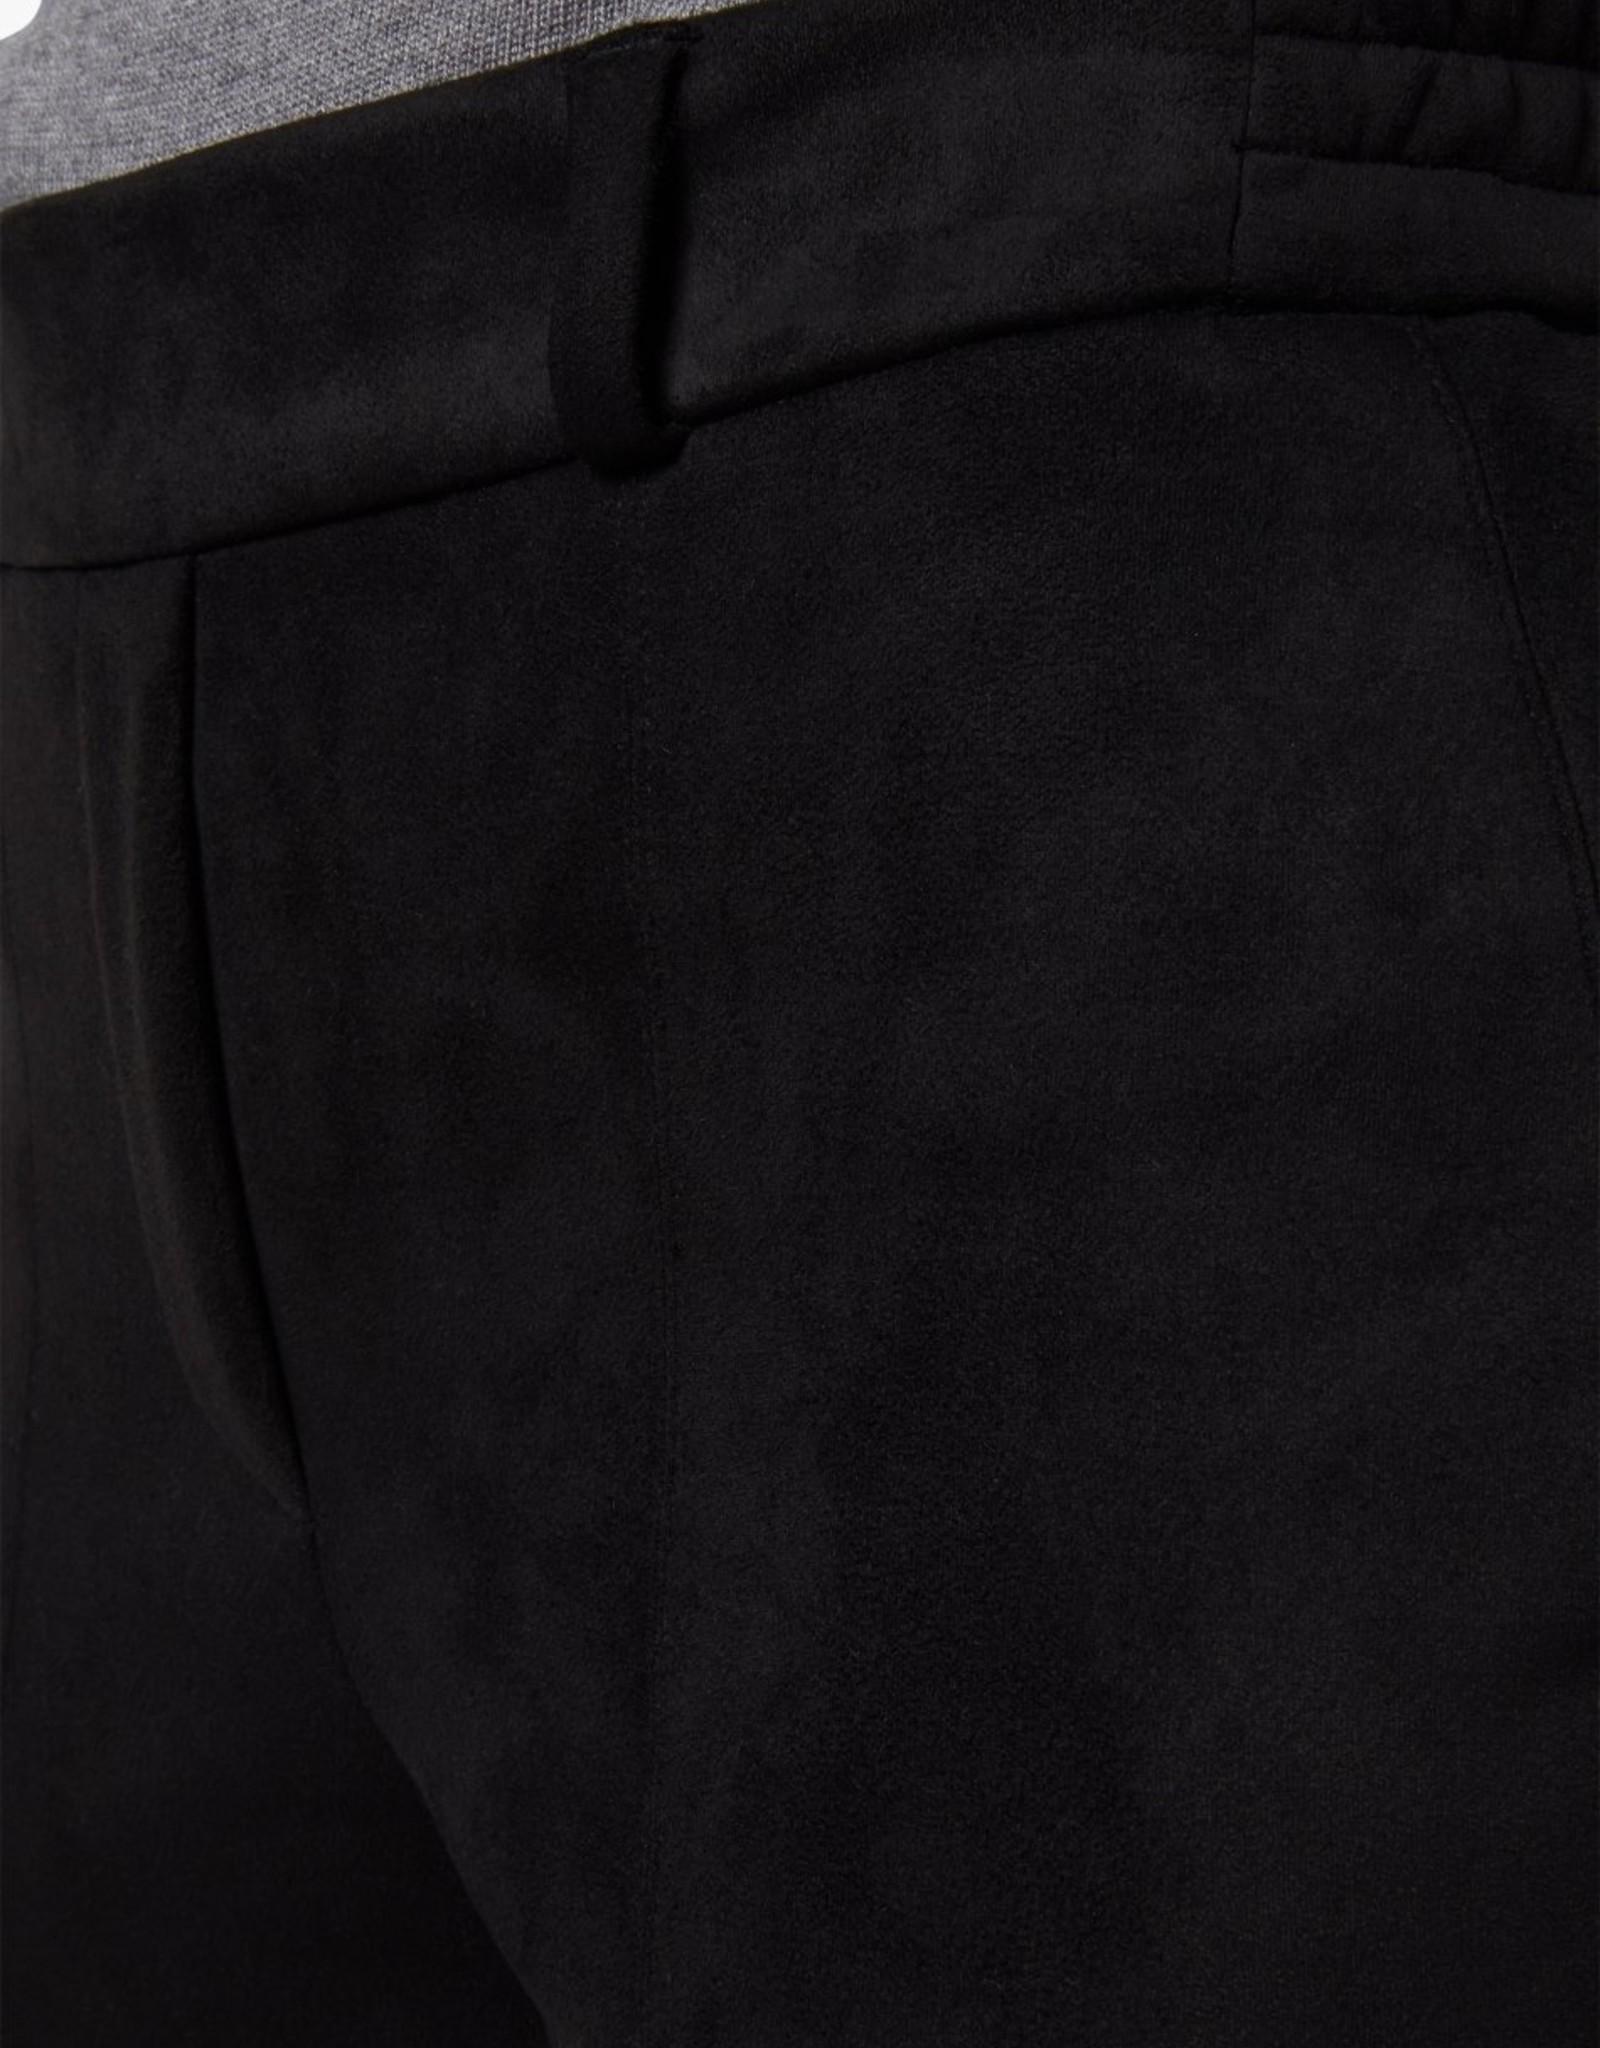 Cavallaro Pantalon Olivia Black